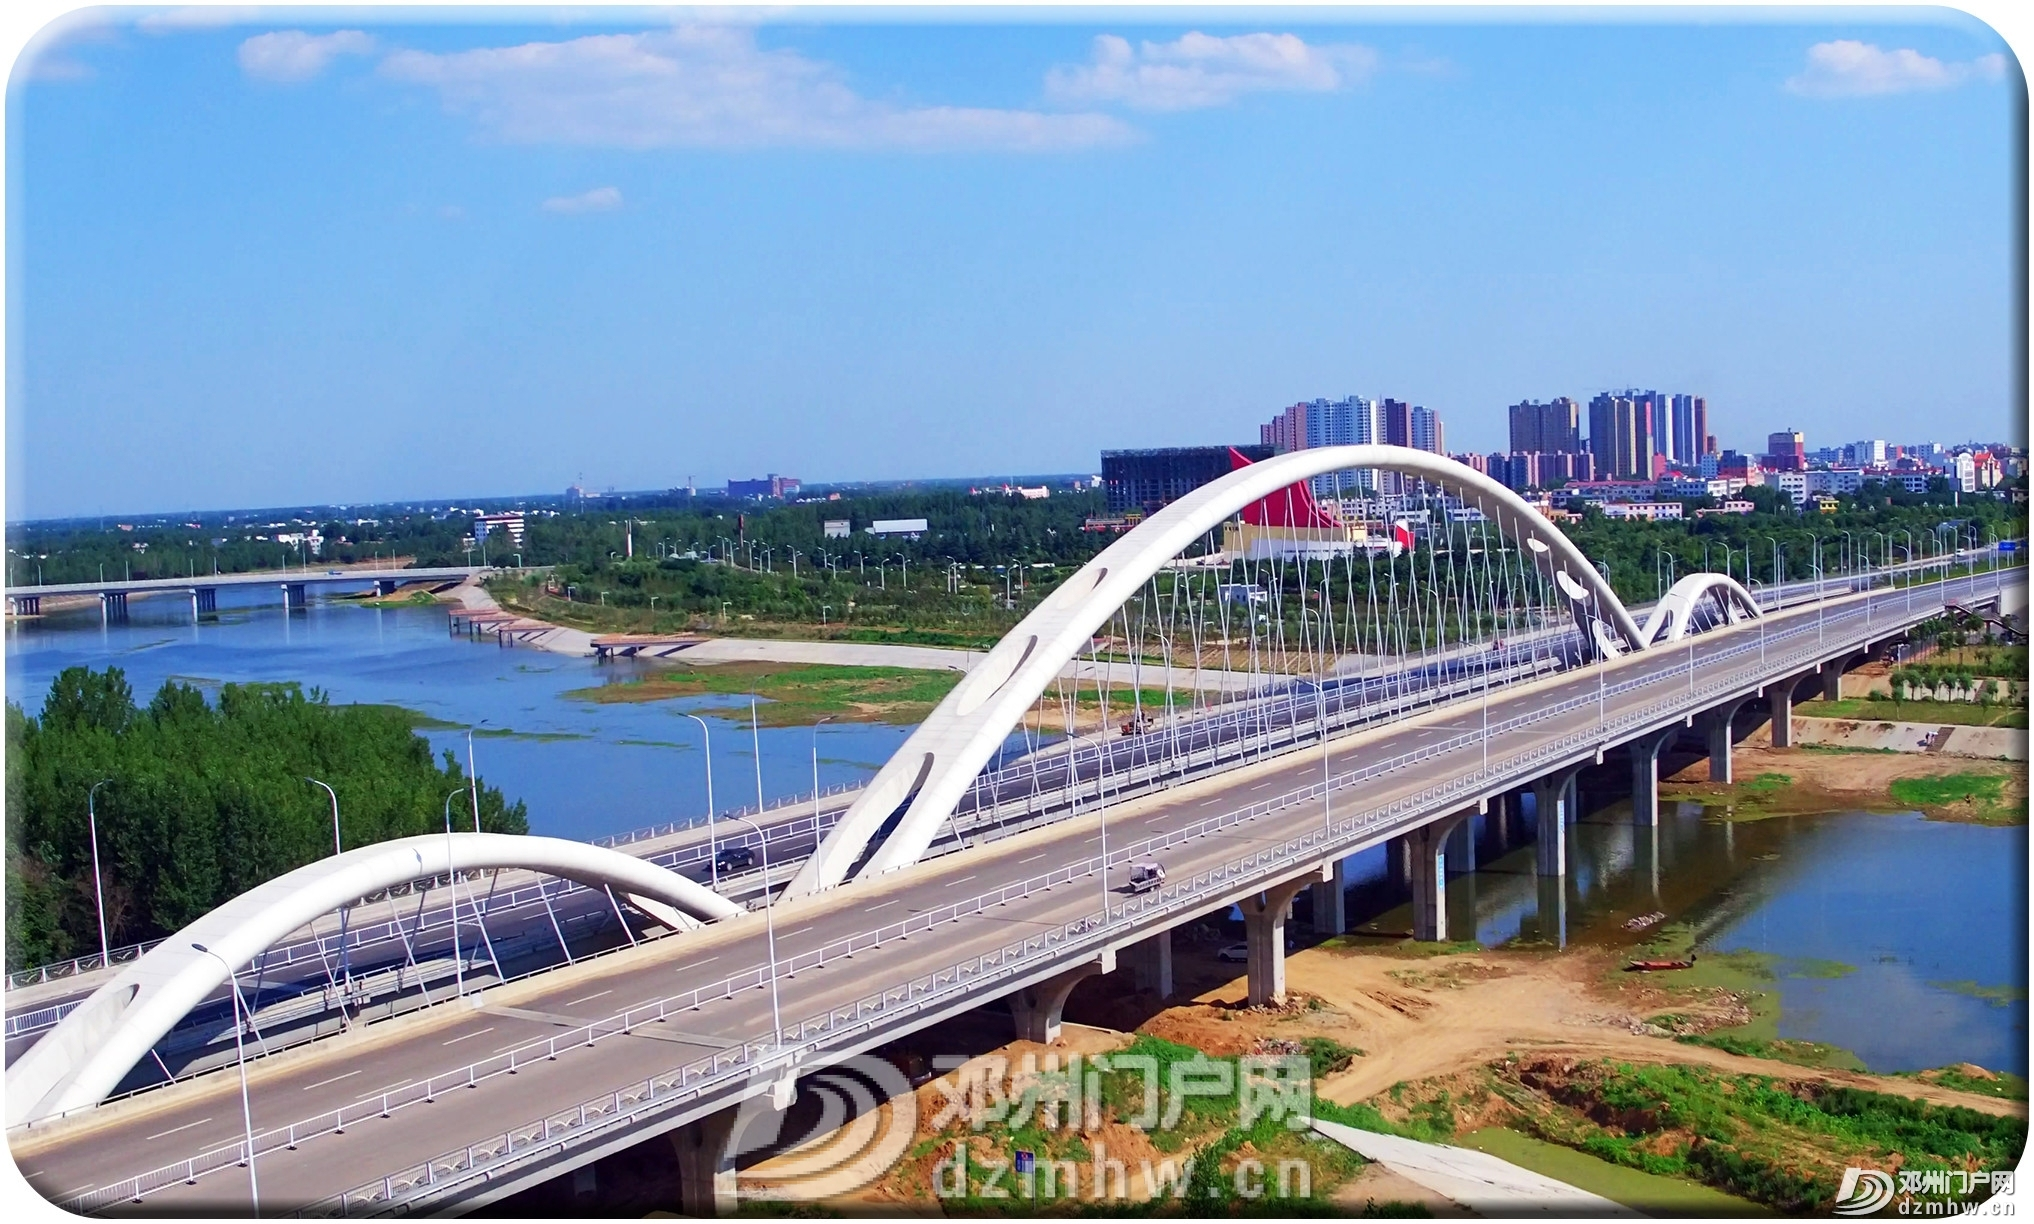 我叫邓州,这是我的最新简历,2020年,请多关照! - 邓州门户网|邓州网 - 7160a65bd559f8ee08e0938d0884f467.jpg